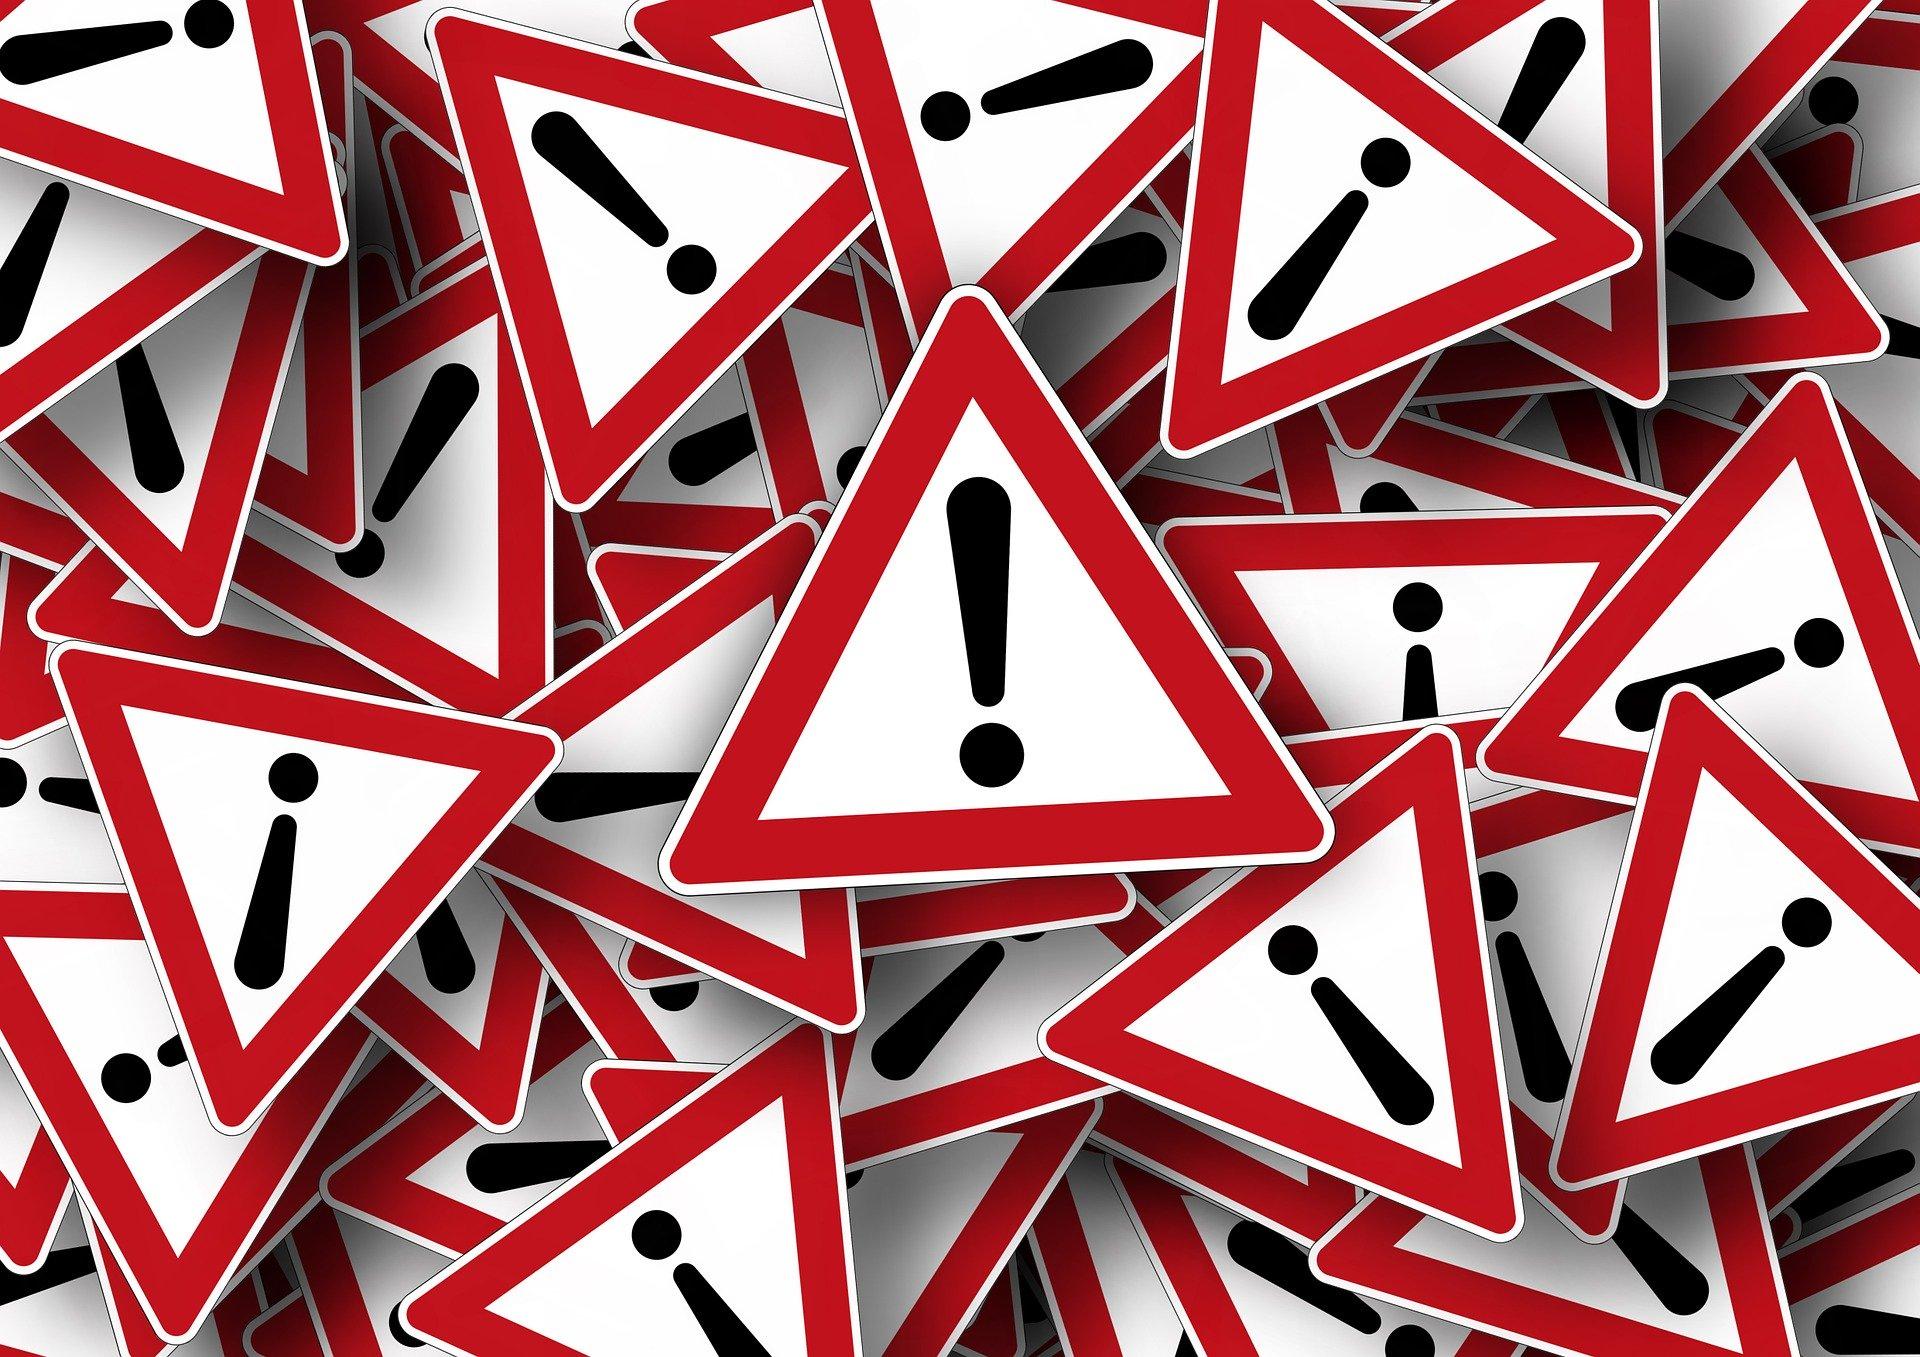 Komunikat dla Klientów MFR Sp. z o.o. w związku z pandemią koronawirusa.